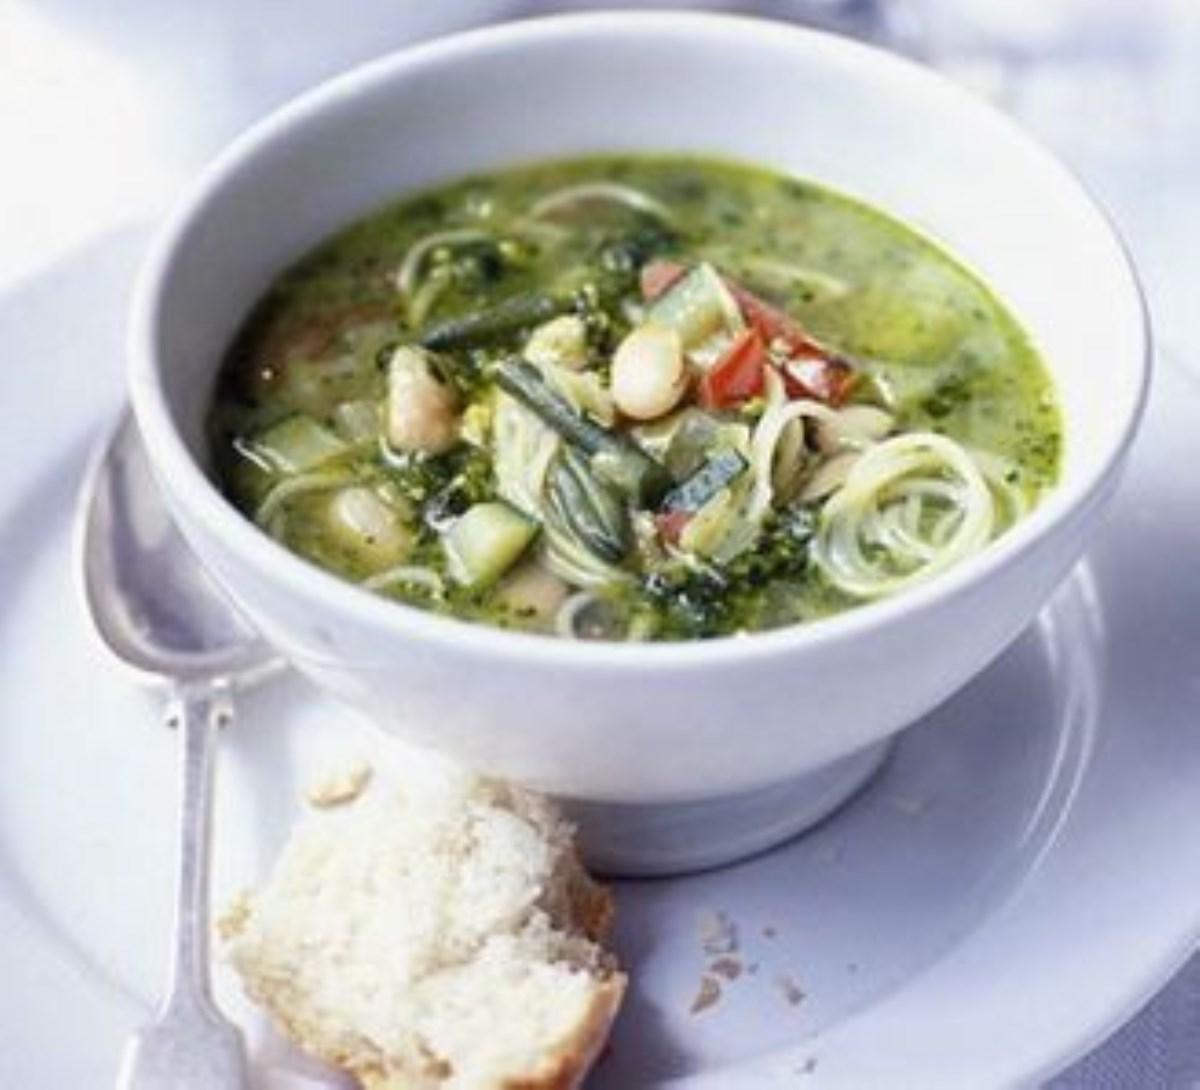 طرز تهیه سوپ سبزیجات (غذای رژیمی)